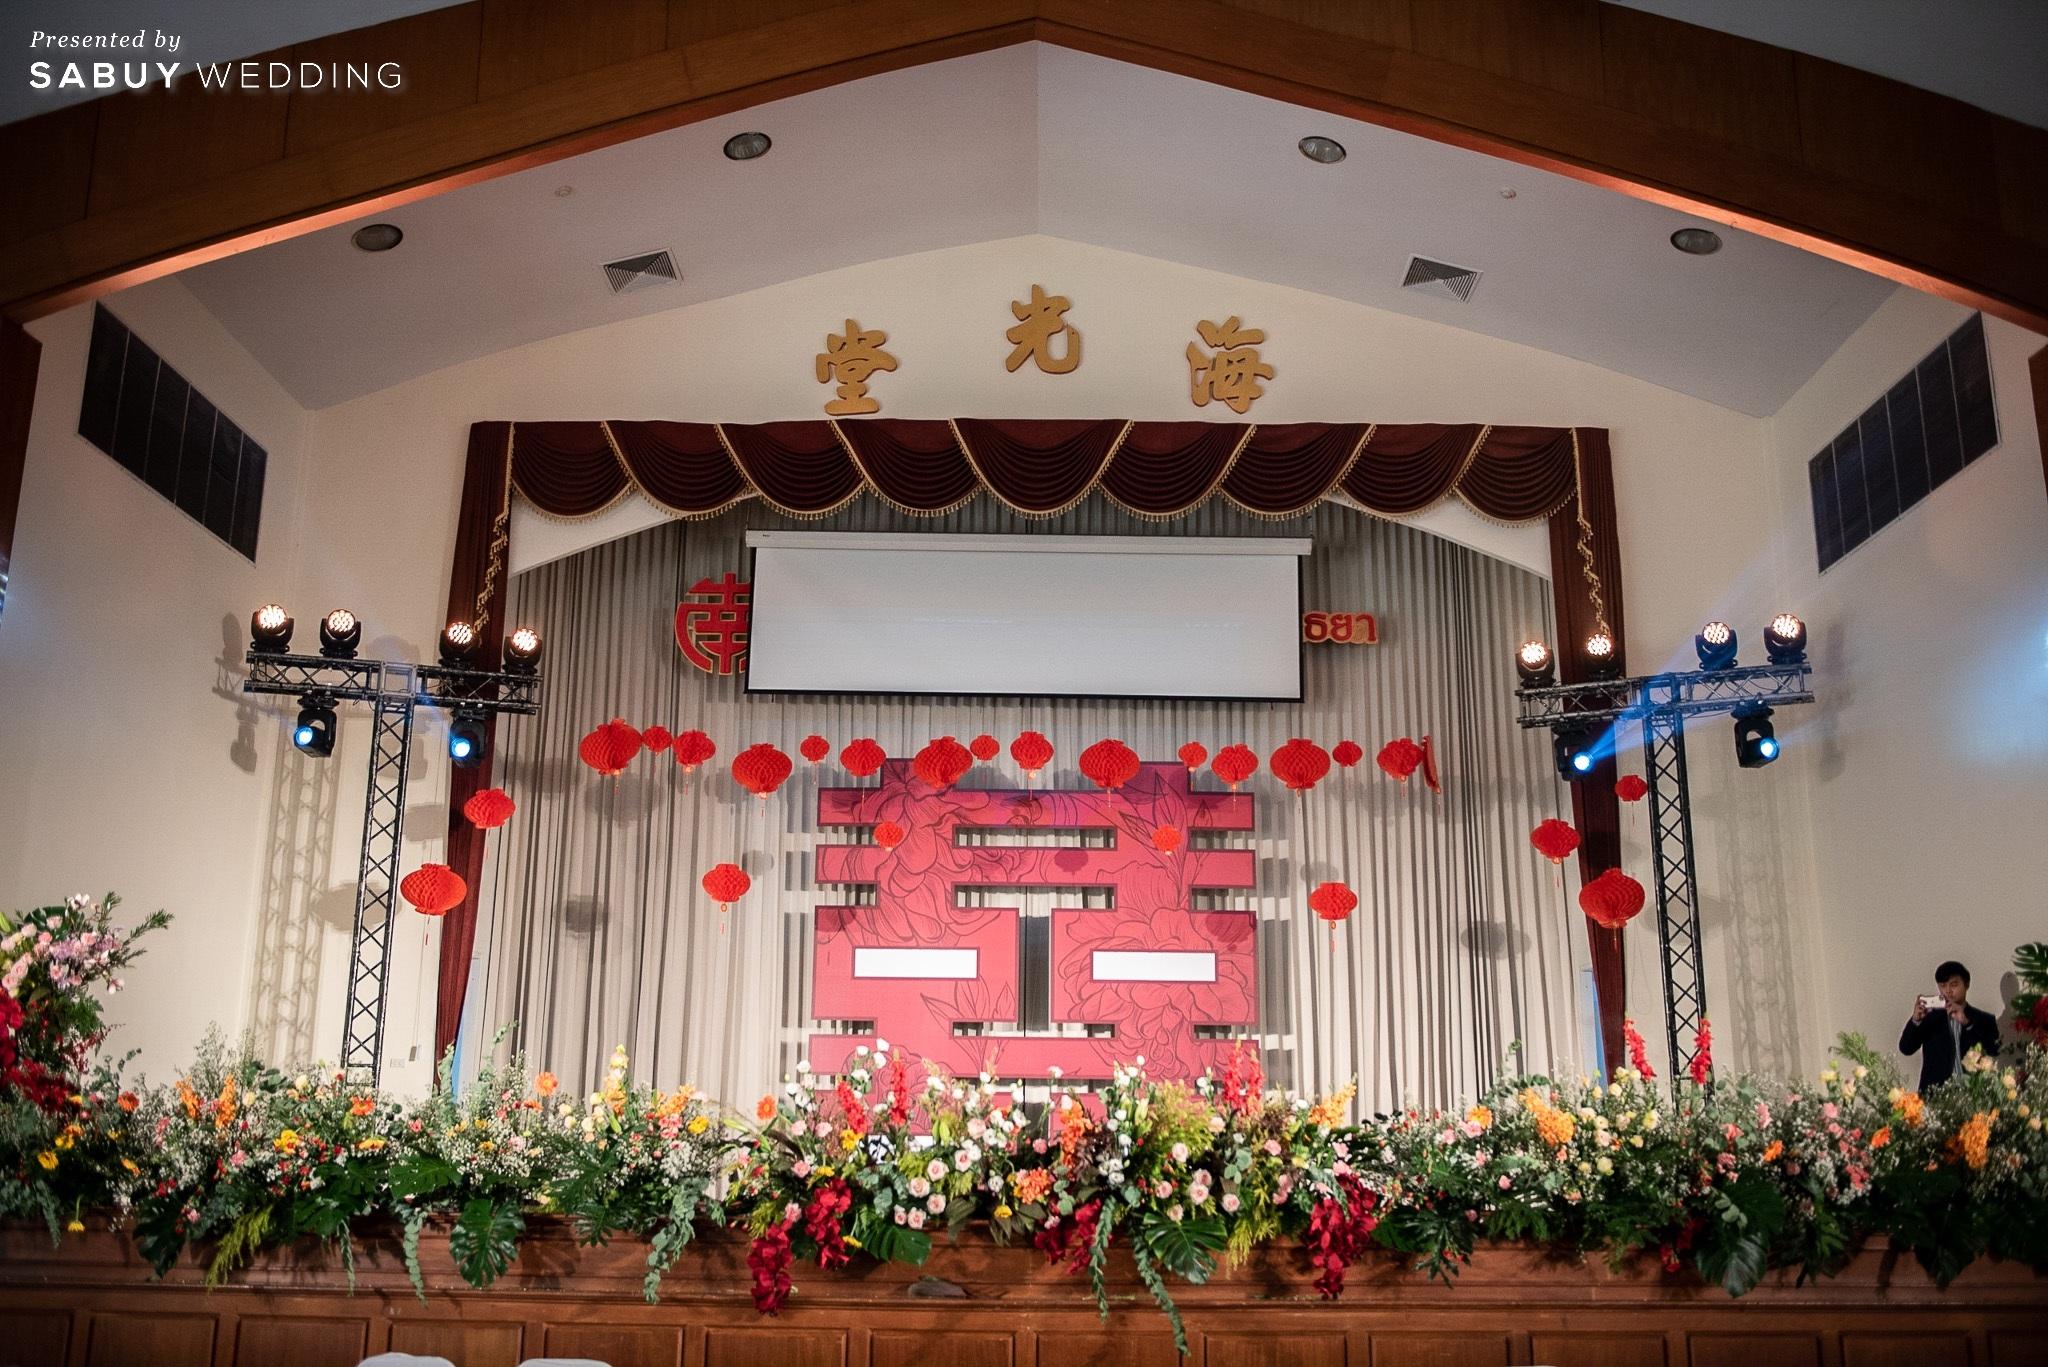 ตกแต่งงานแต่งงาน,backdrop,ออแกไนเซอร์ รีวิวงานแต่ง 2 สถานที่ สวยดูดีสไตล์ Vintage Chinese Modern @ หอประชุมศาลเจ้าแม่ทับทิม